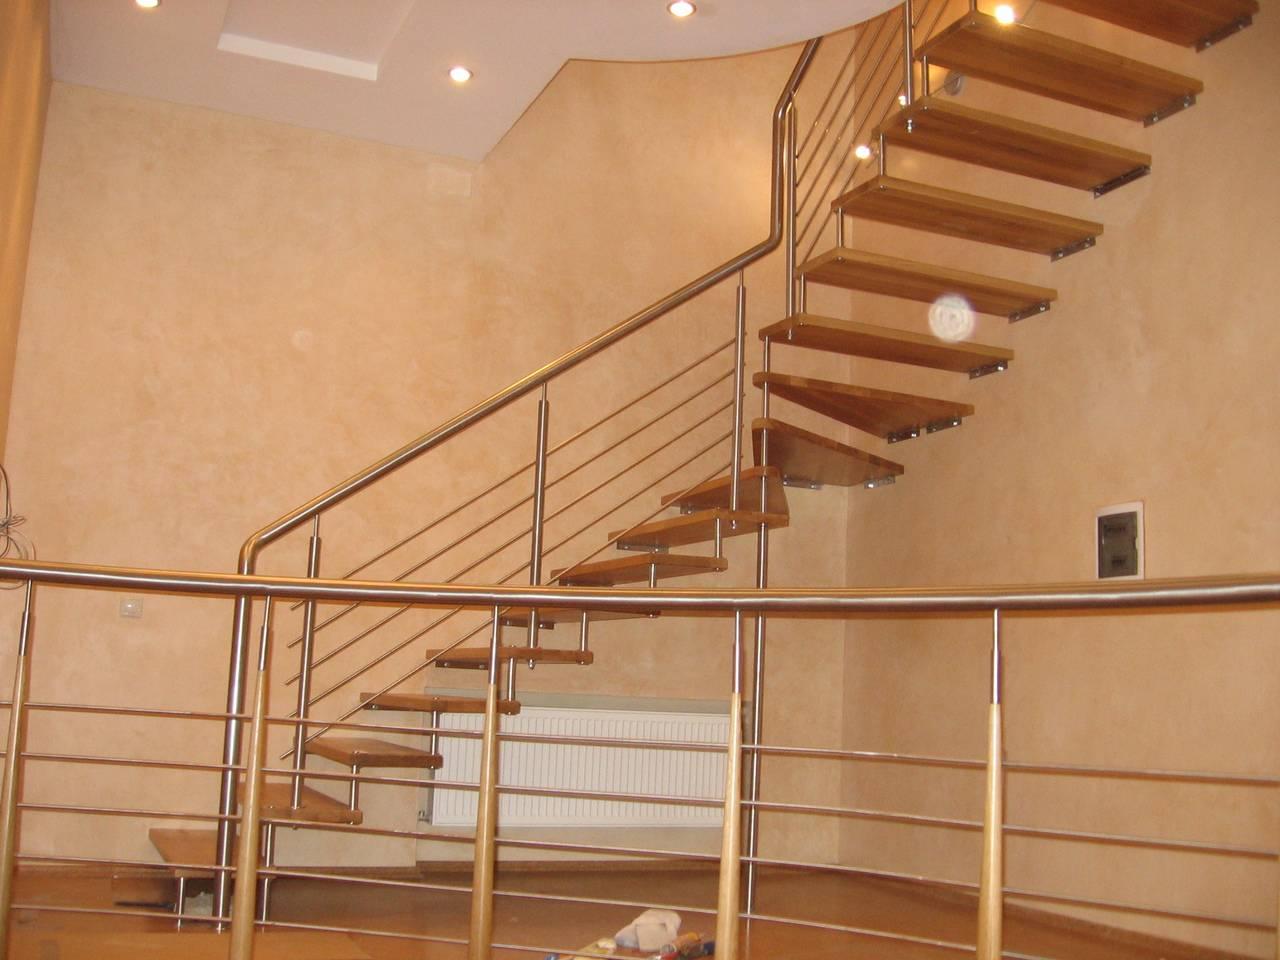 Лестница на второй этаж в частном доме – как сделать и подобрать дизайн самостоятельно